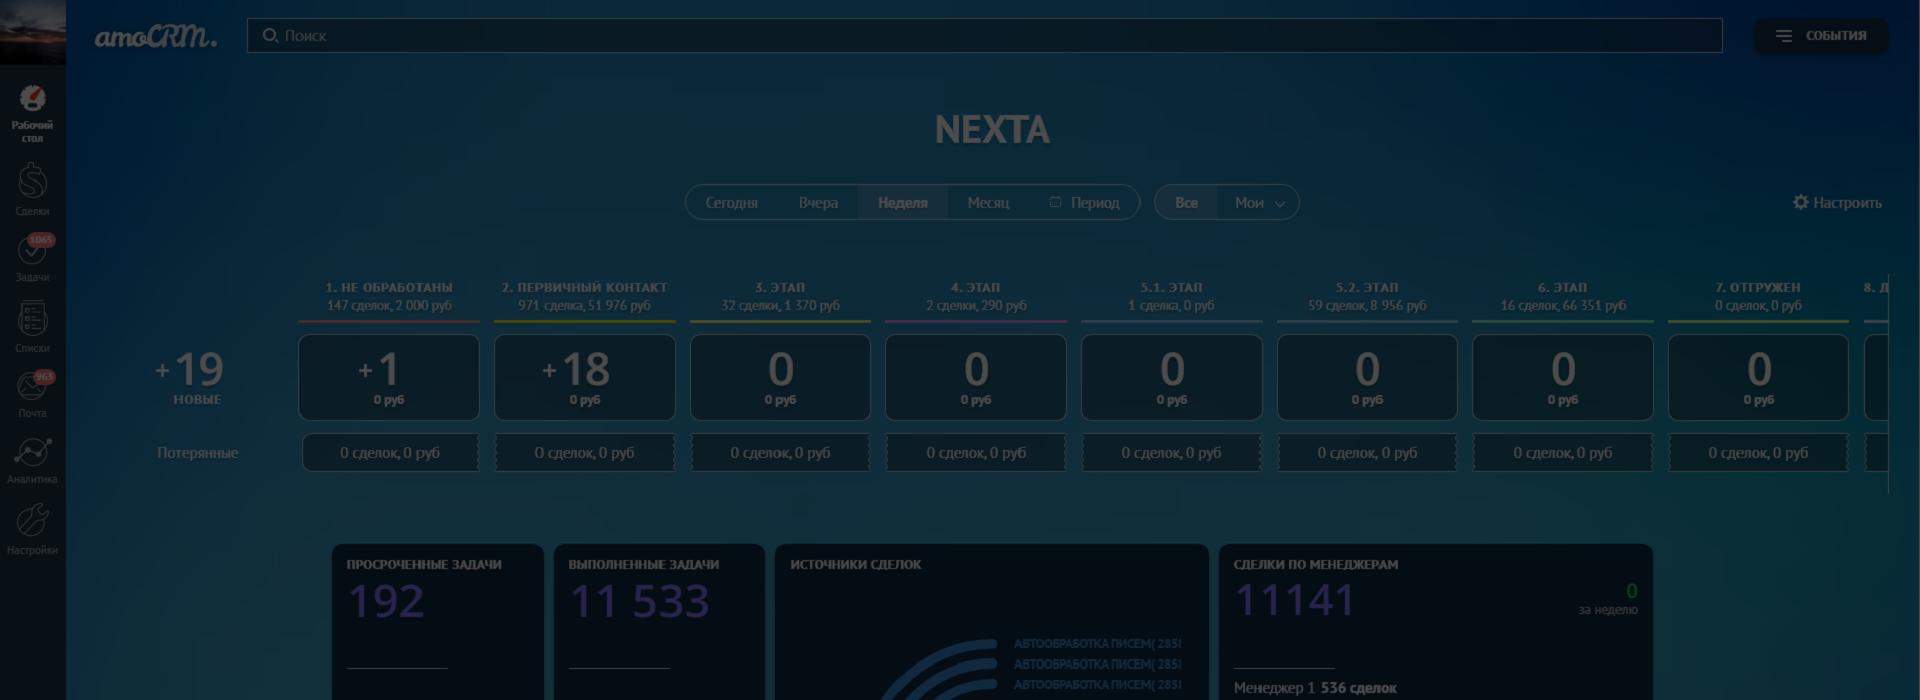 Кейс | Сайт: nexta.by